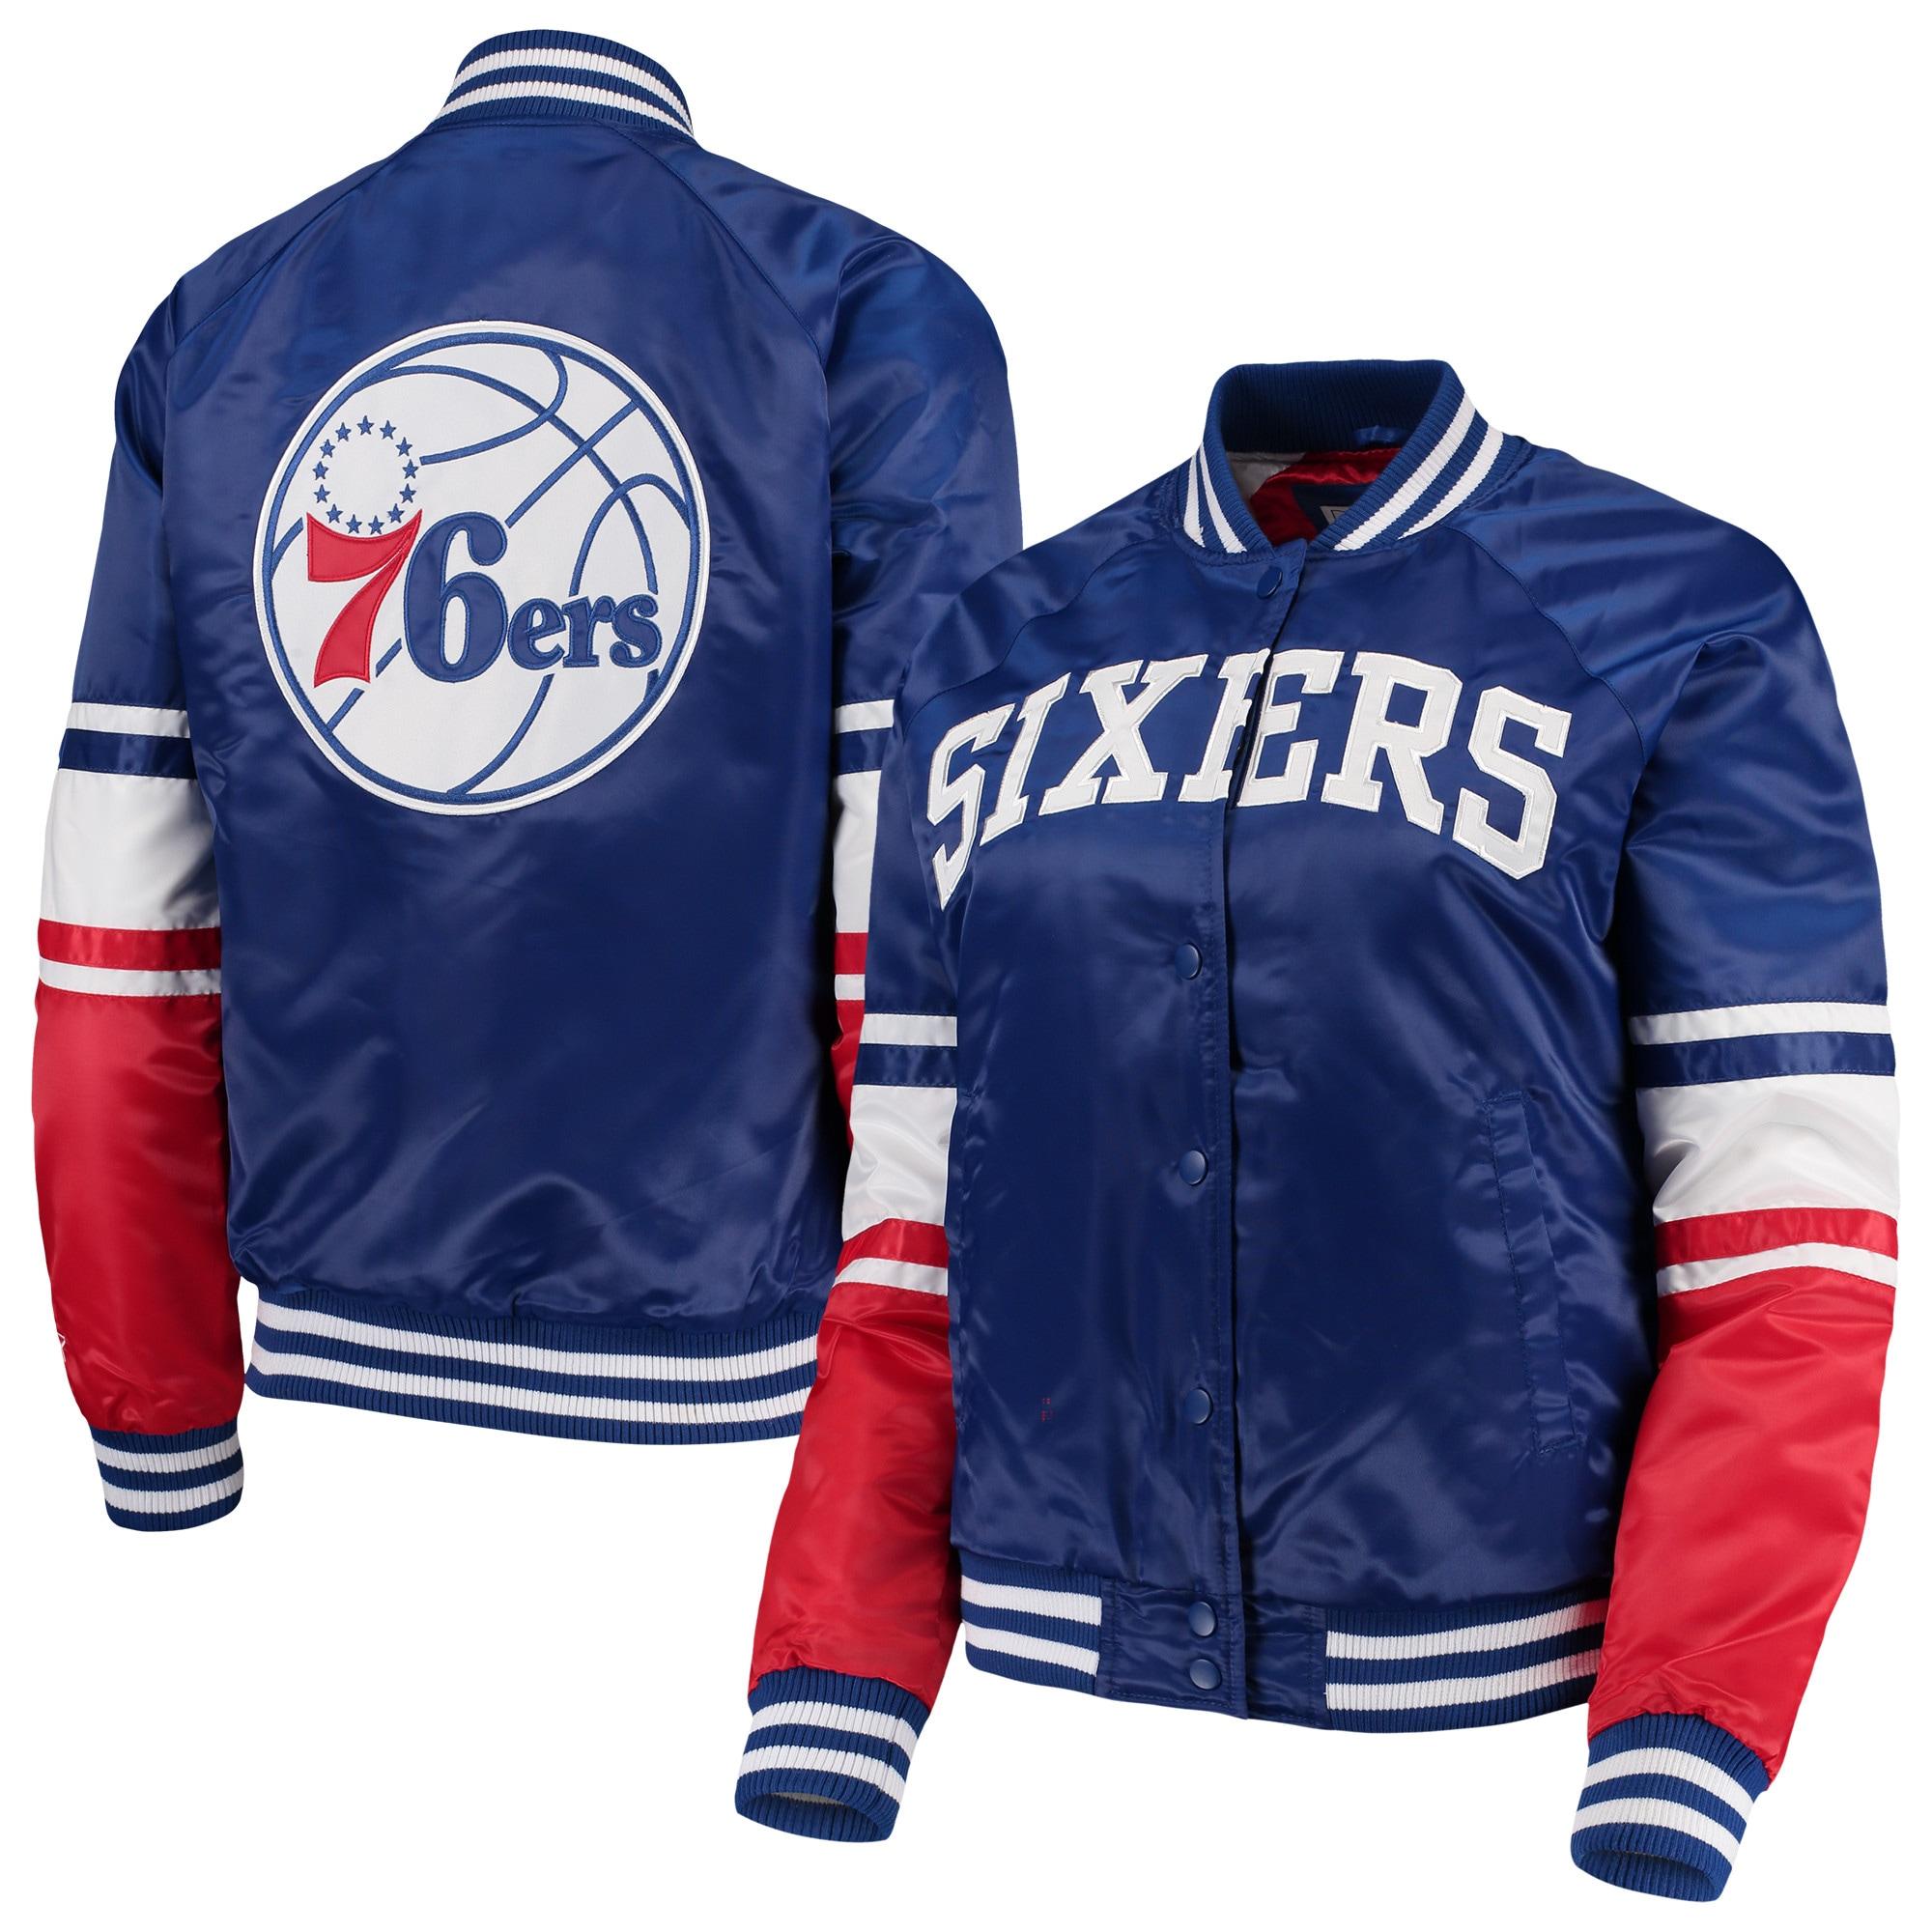 Philadelphia 76ers Starter Women's Victory Satin Full-Snap Jacket - Royal/Red